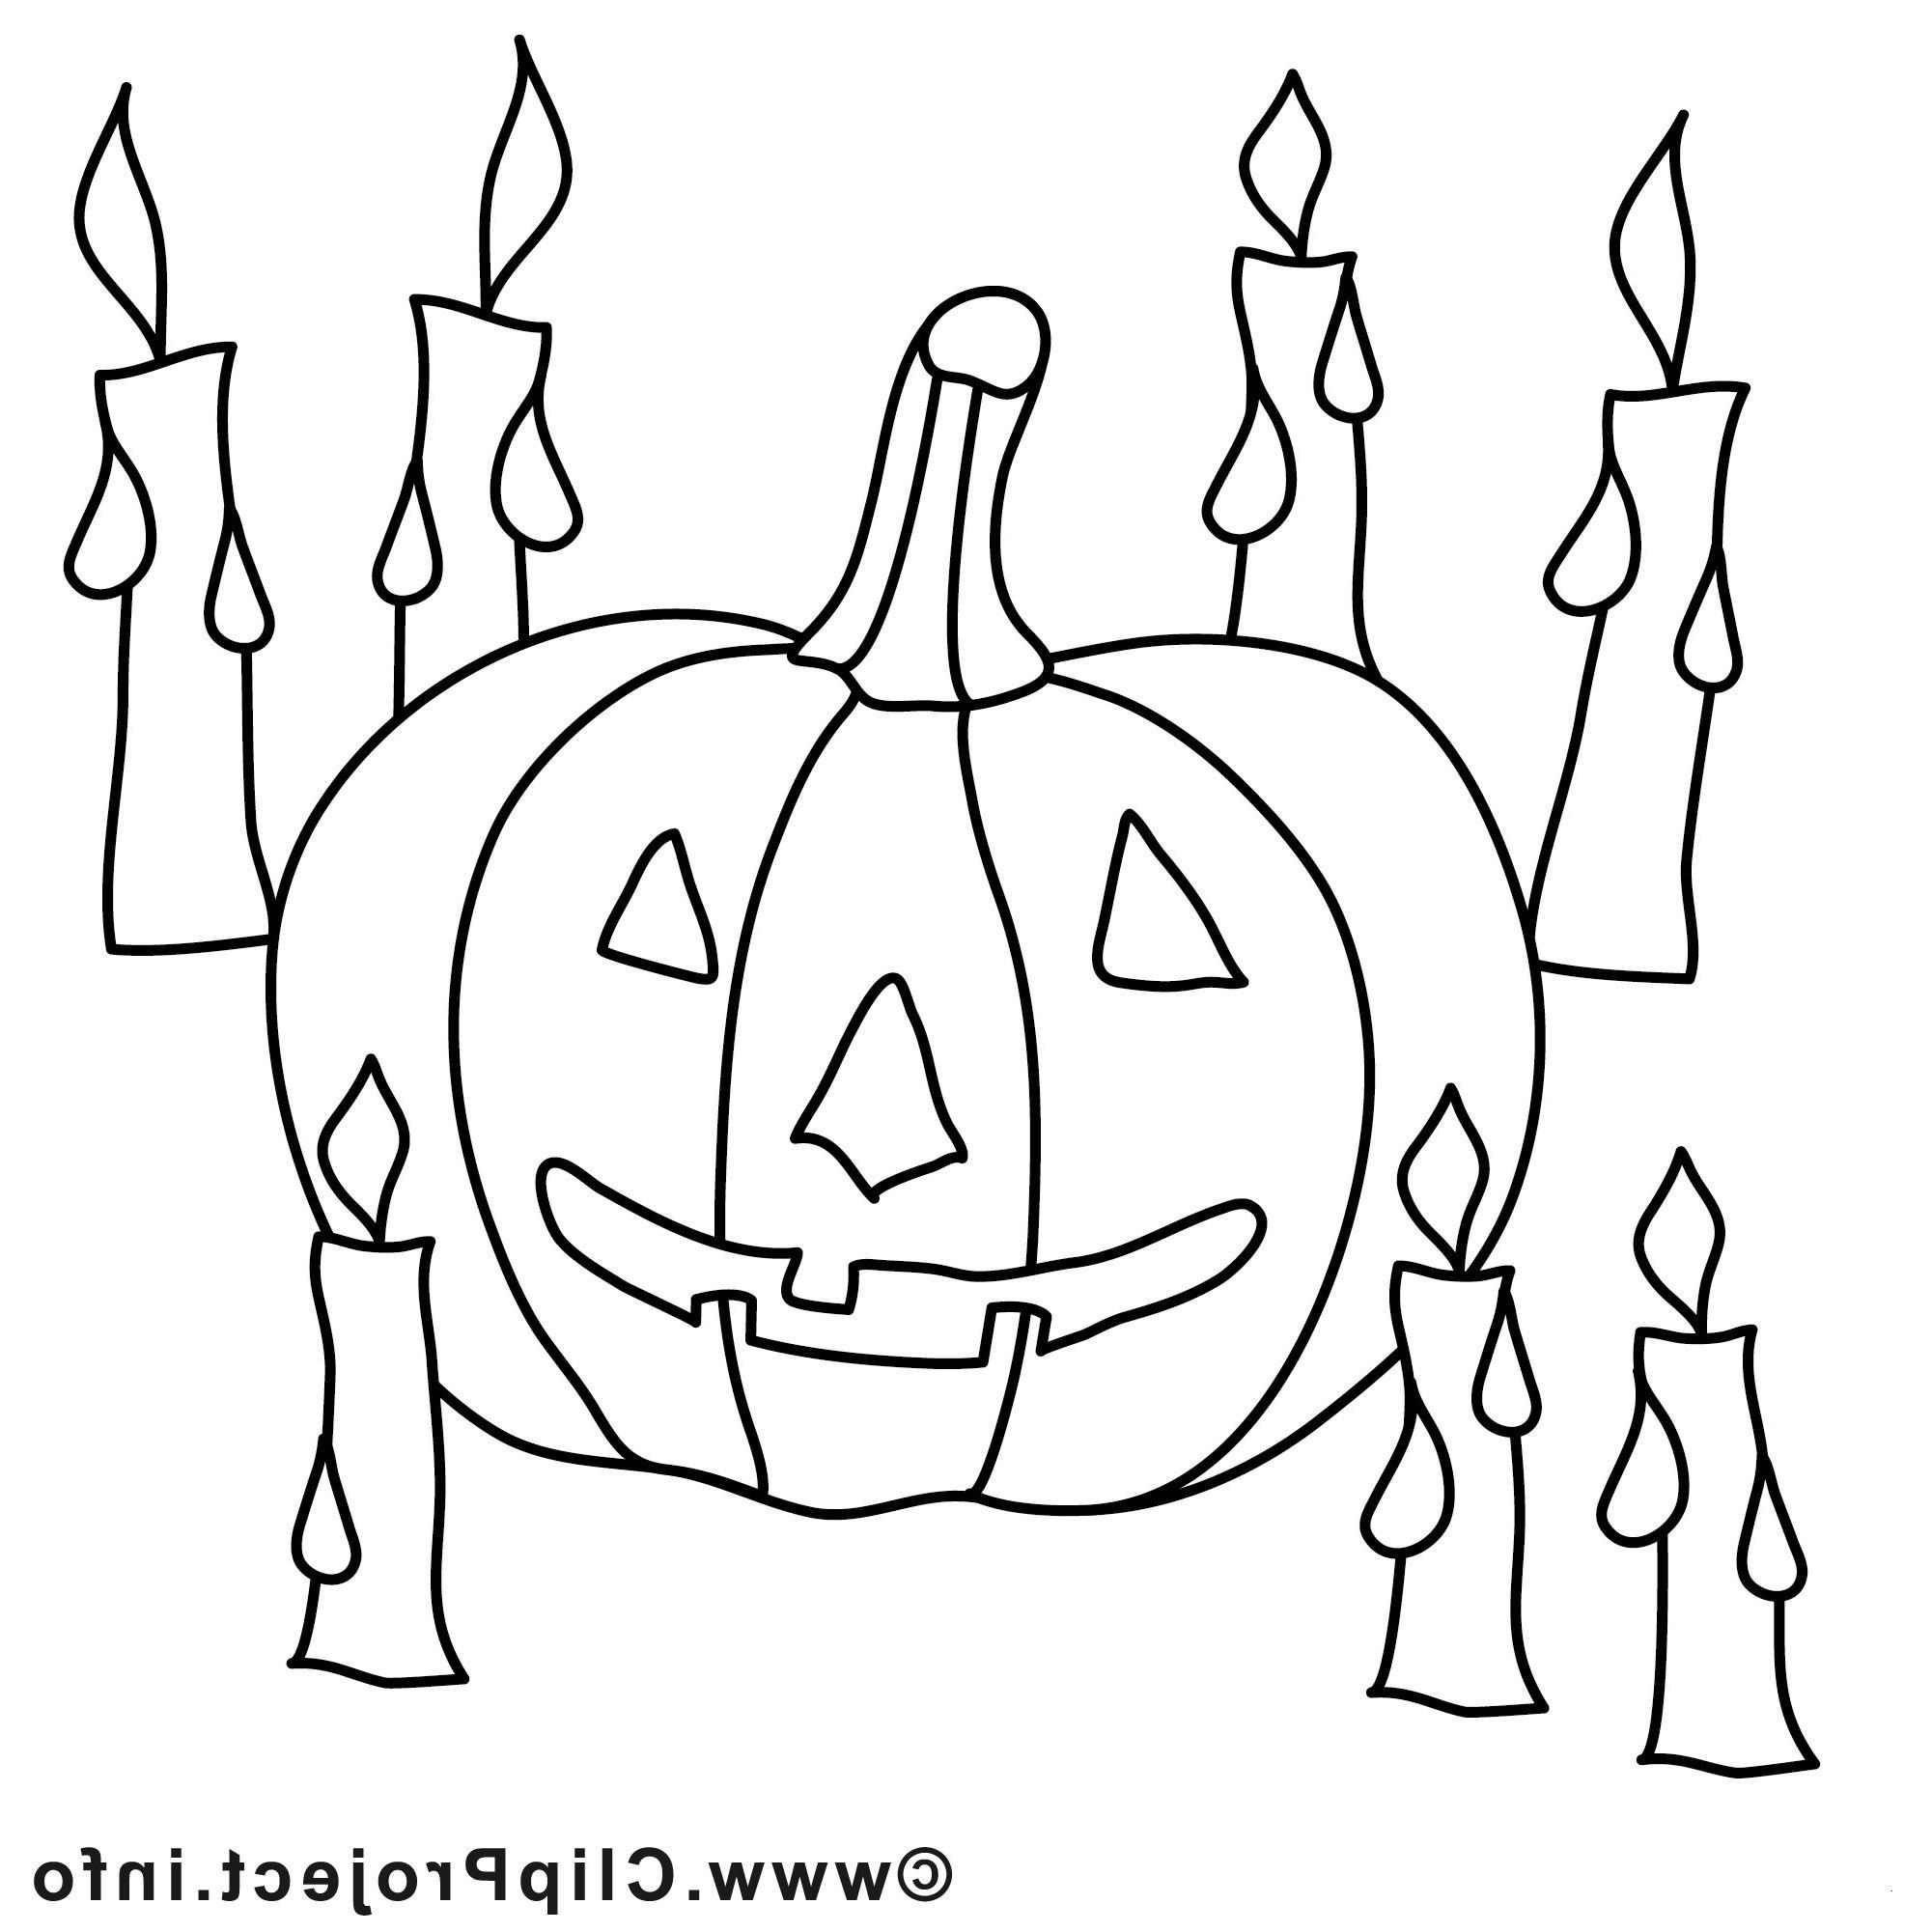 malvorlagen halloween geist frisch spannende coloring